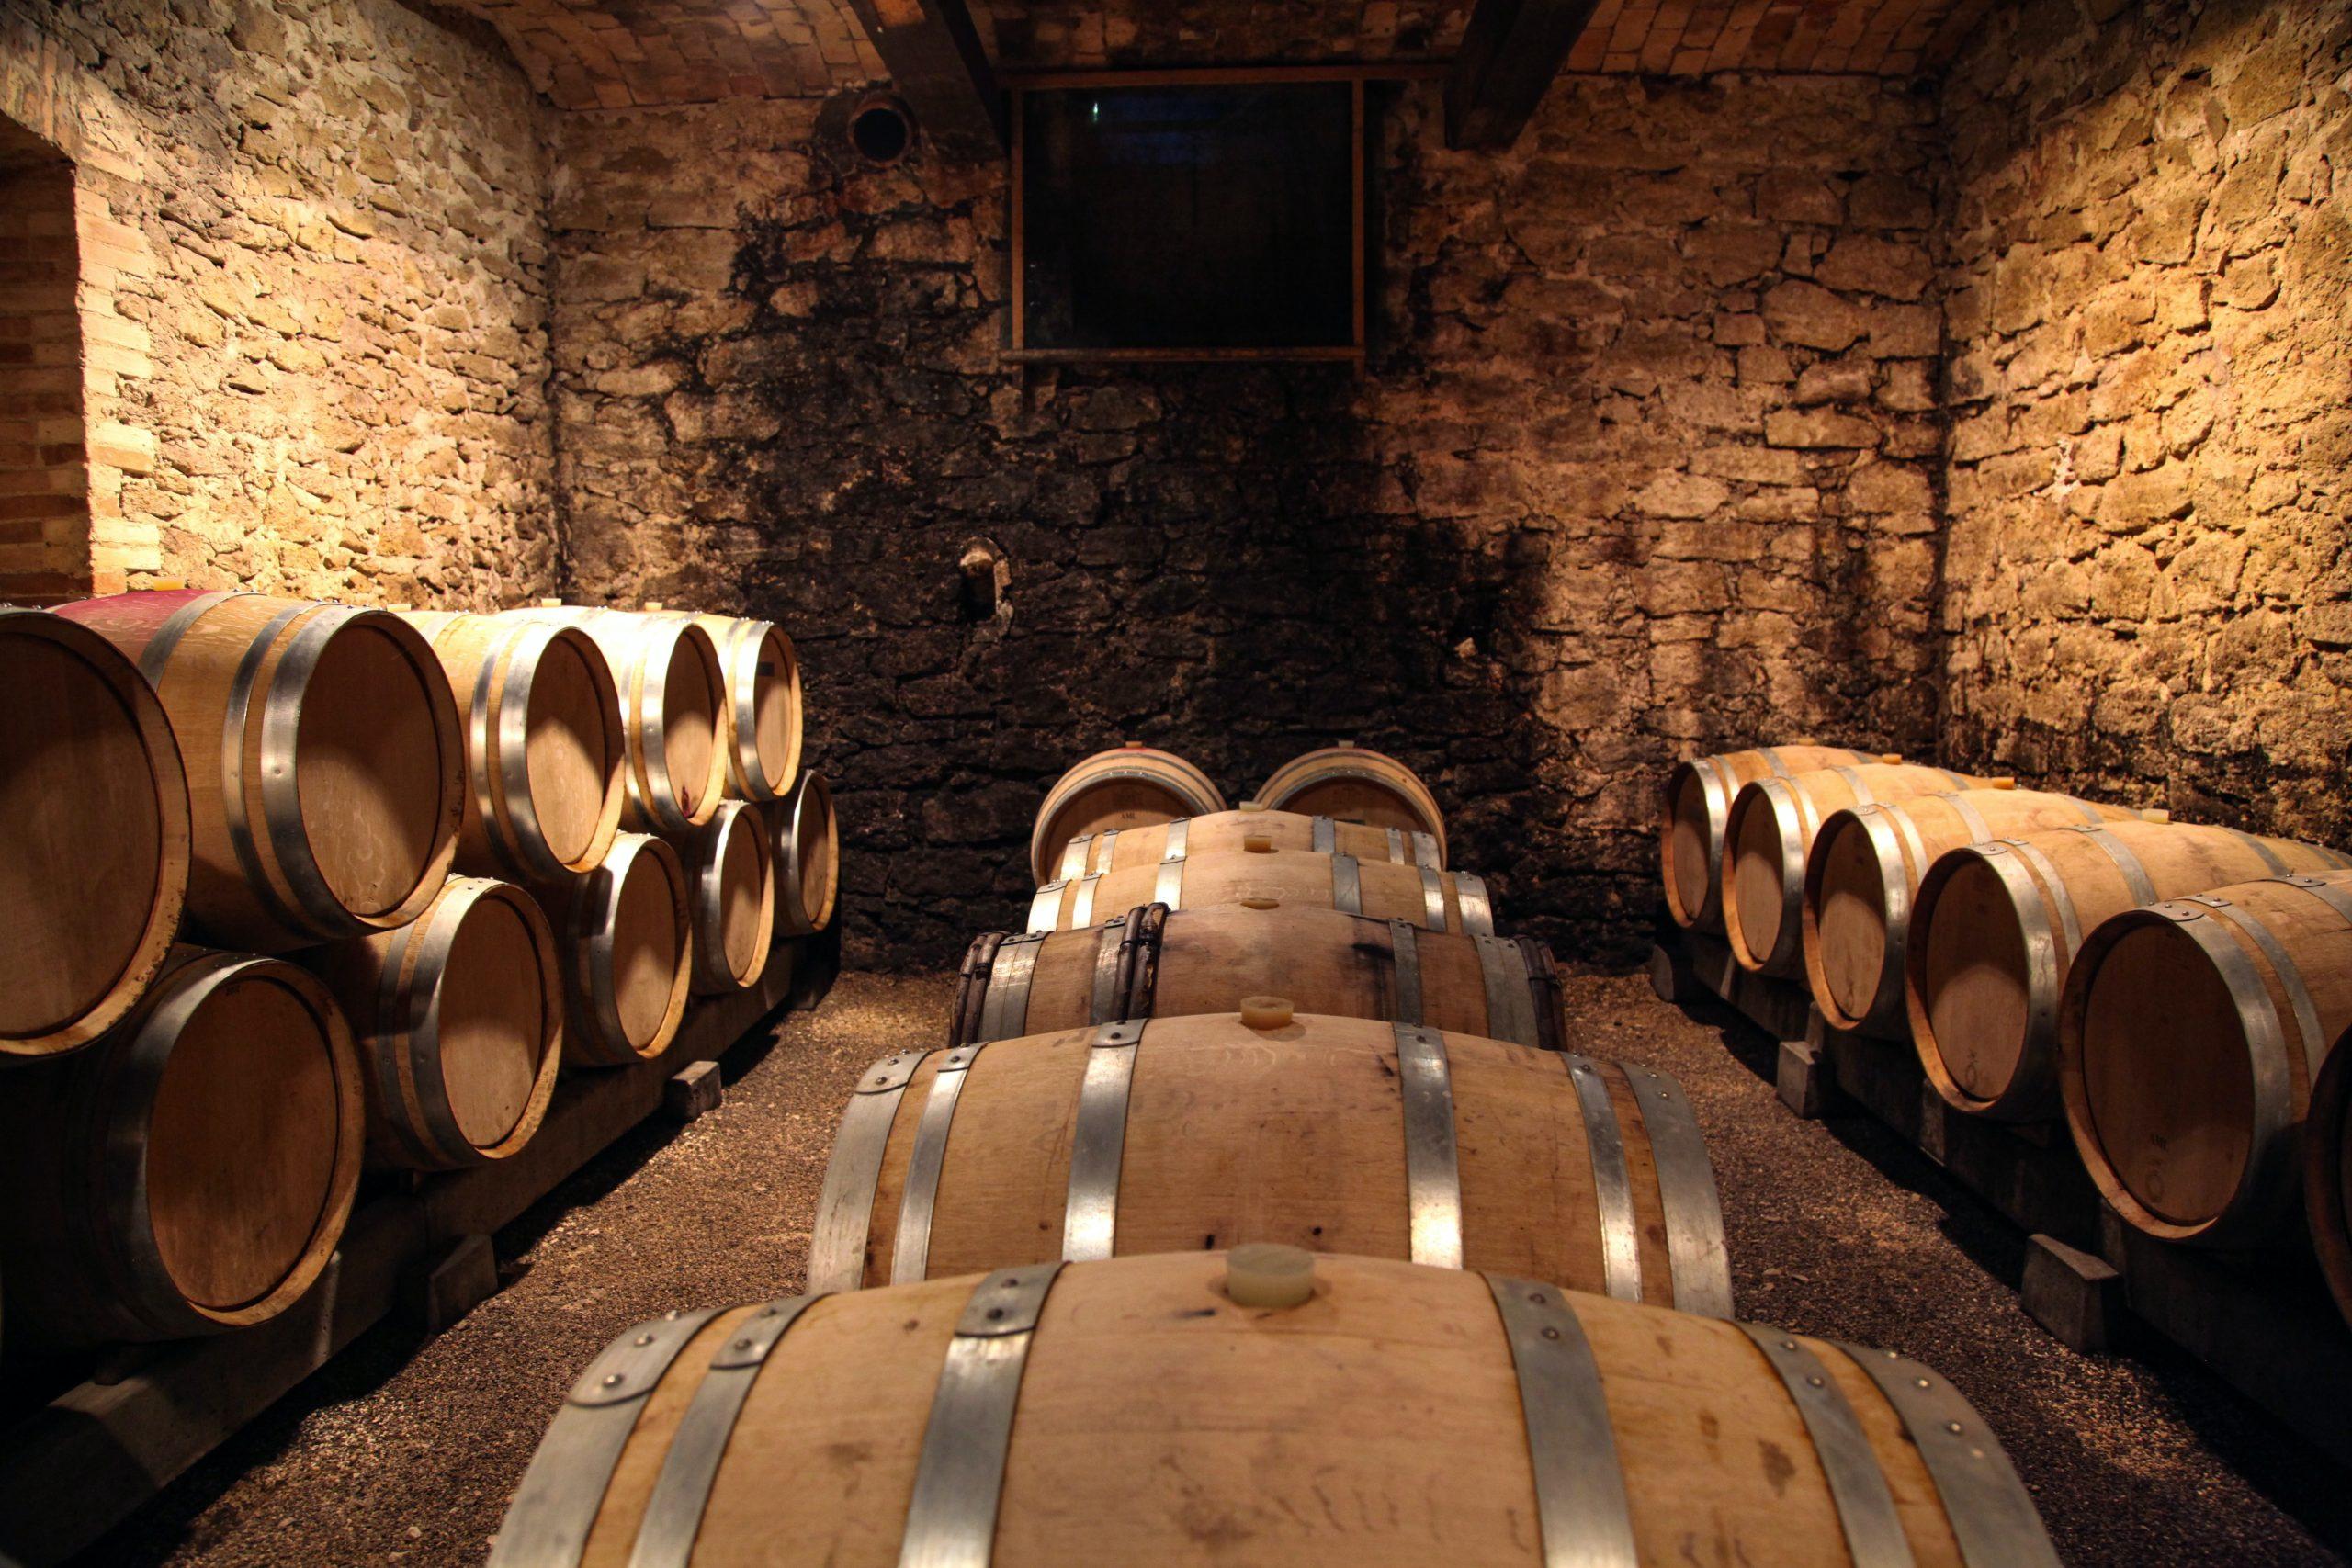 Bood barrels